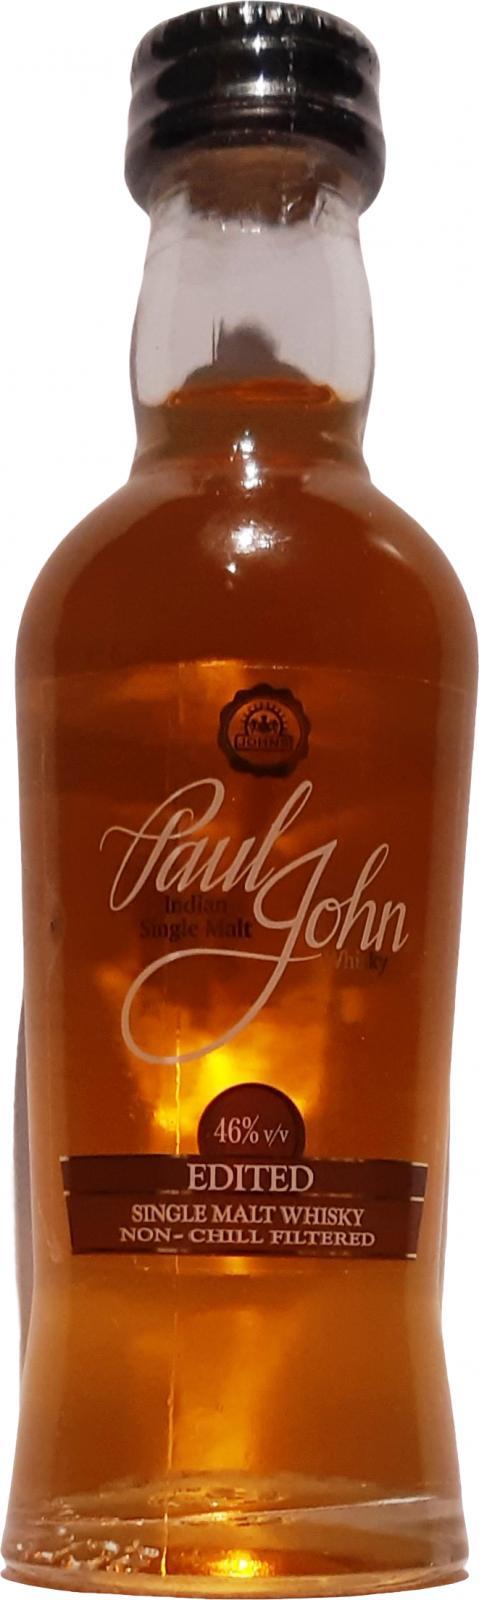 Paul John Edited